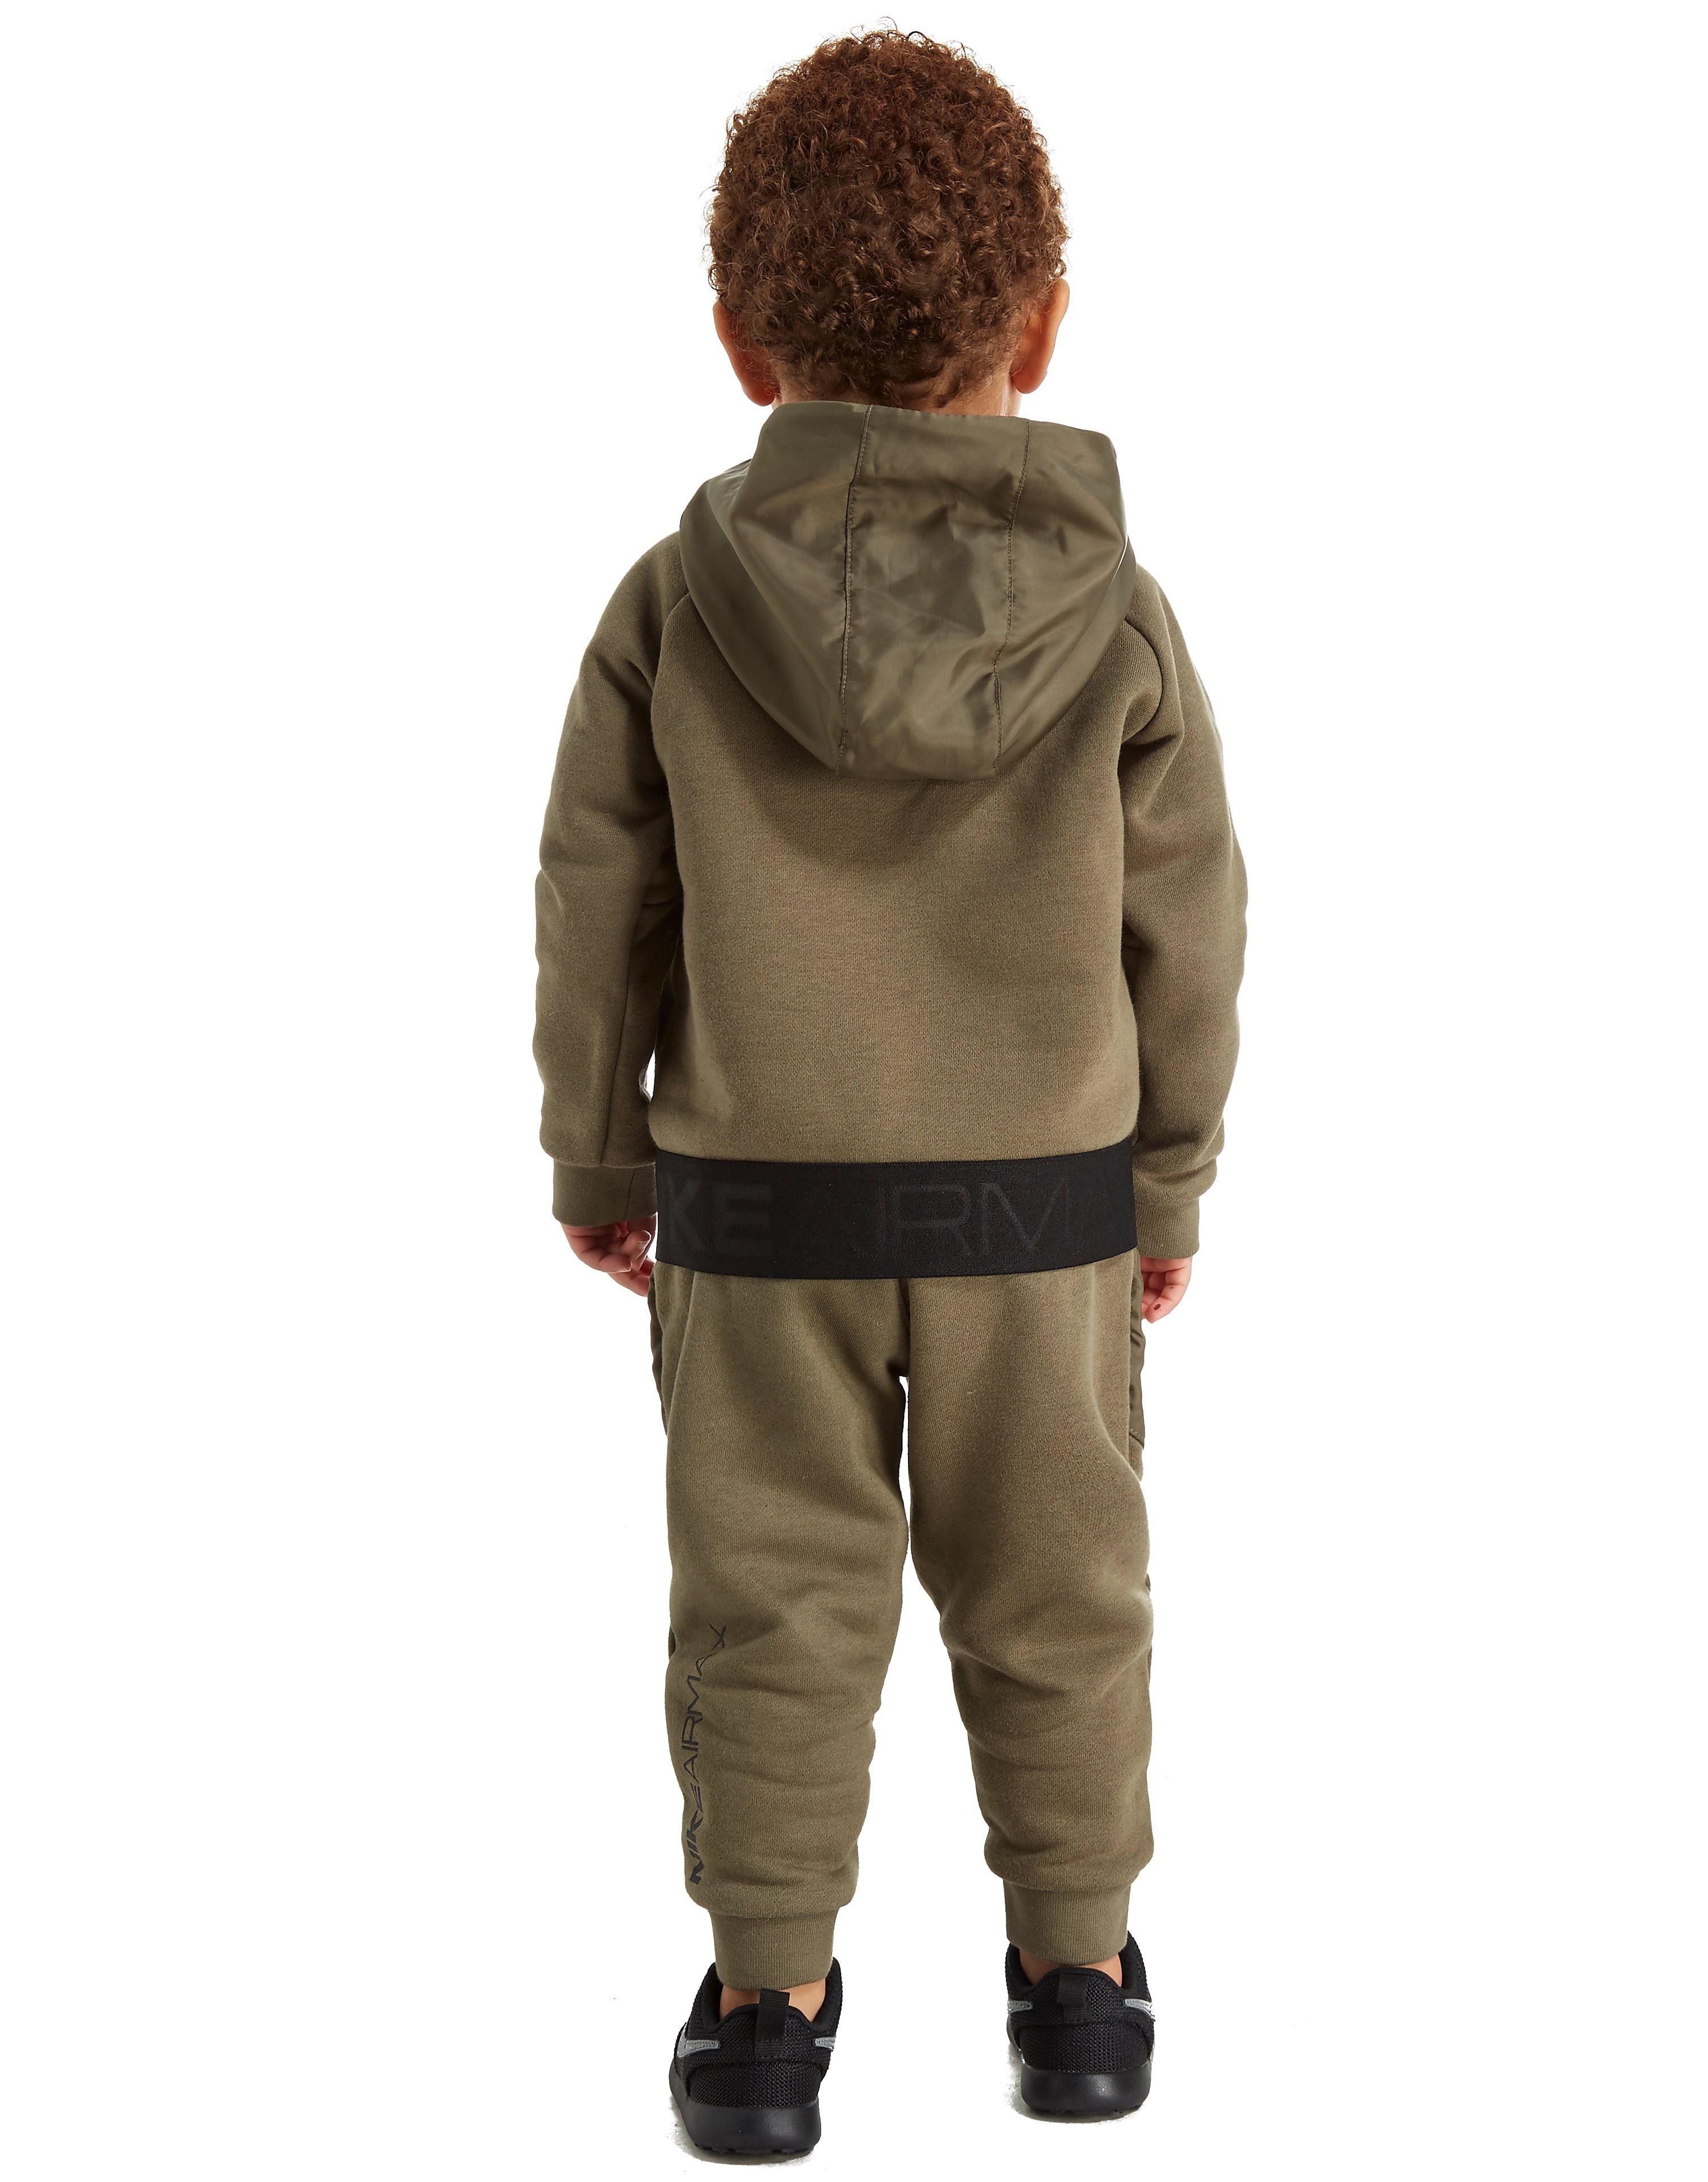 Nike Air Max Fleece Suit Infant